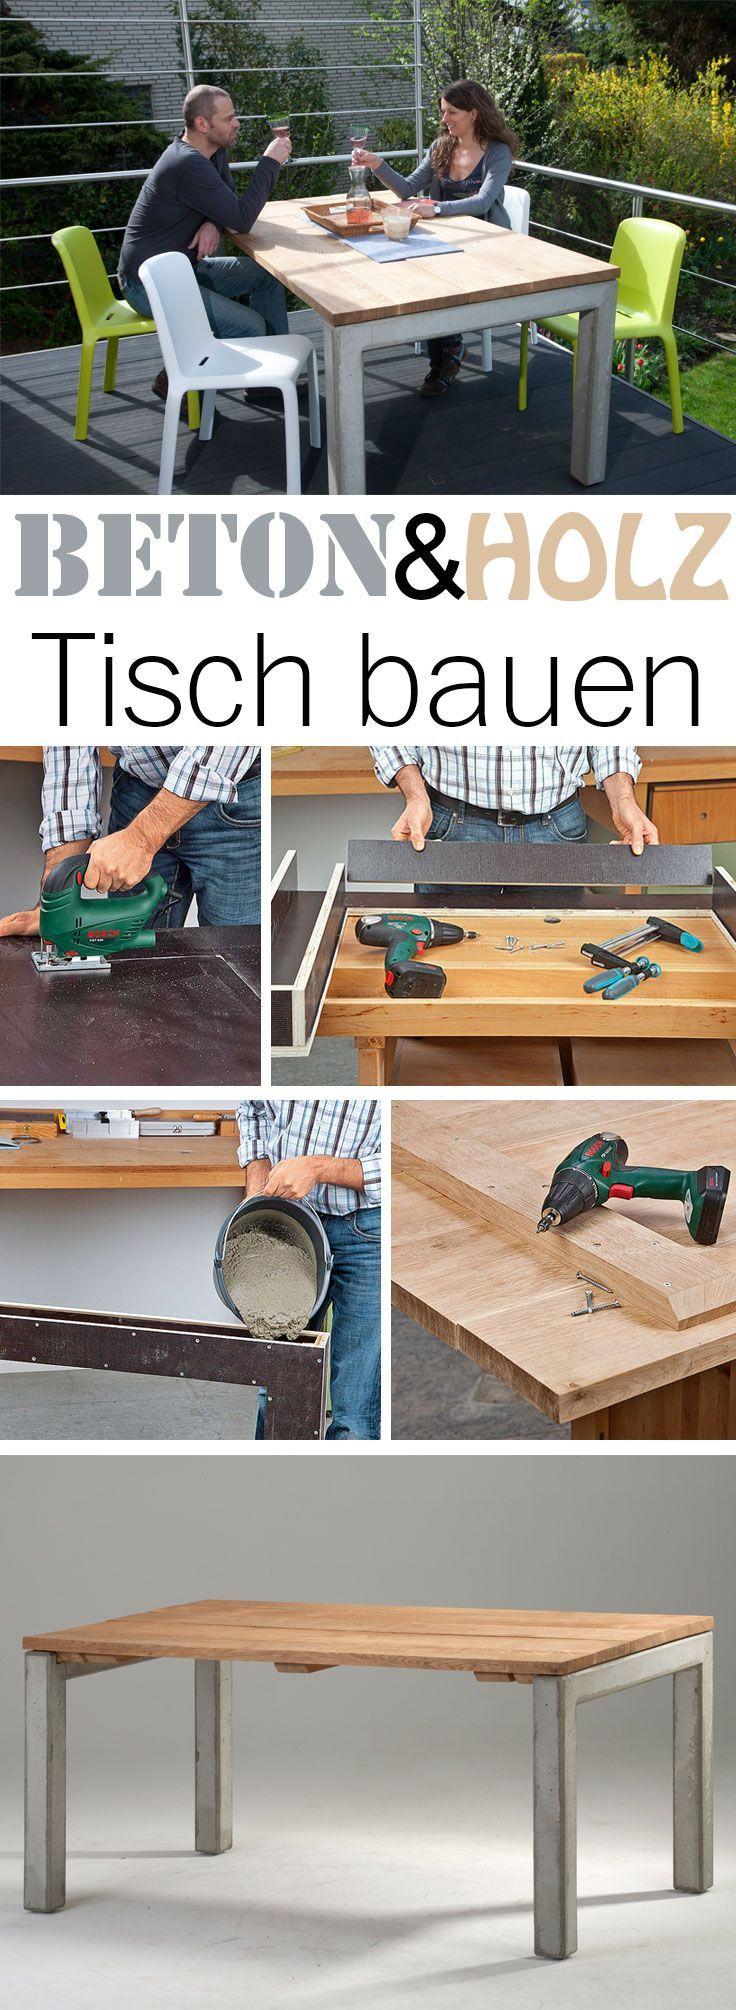 Beton Esstisch Hand Craft Mobel Aus Beton Tisch Bauen Mobel Holz